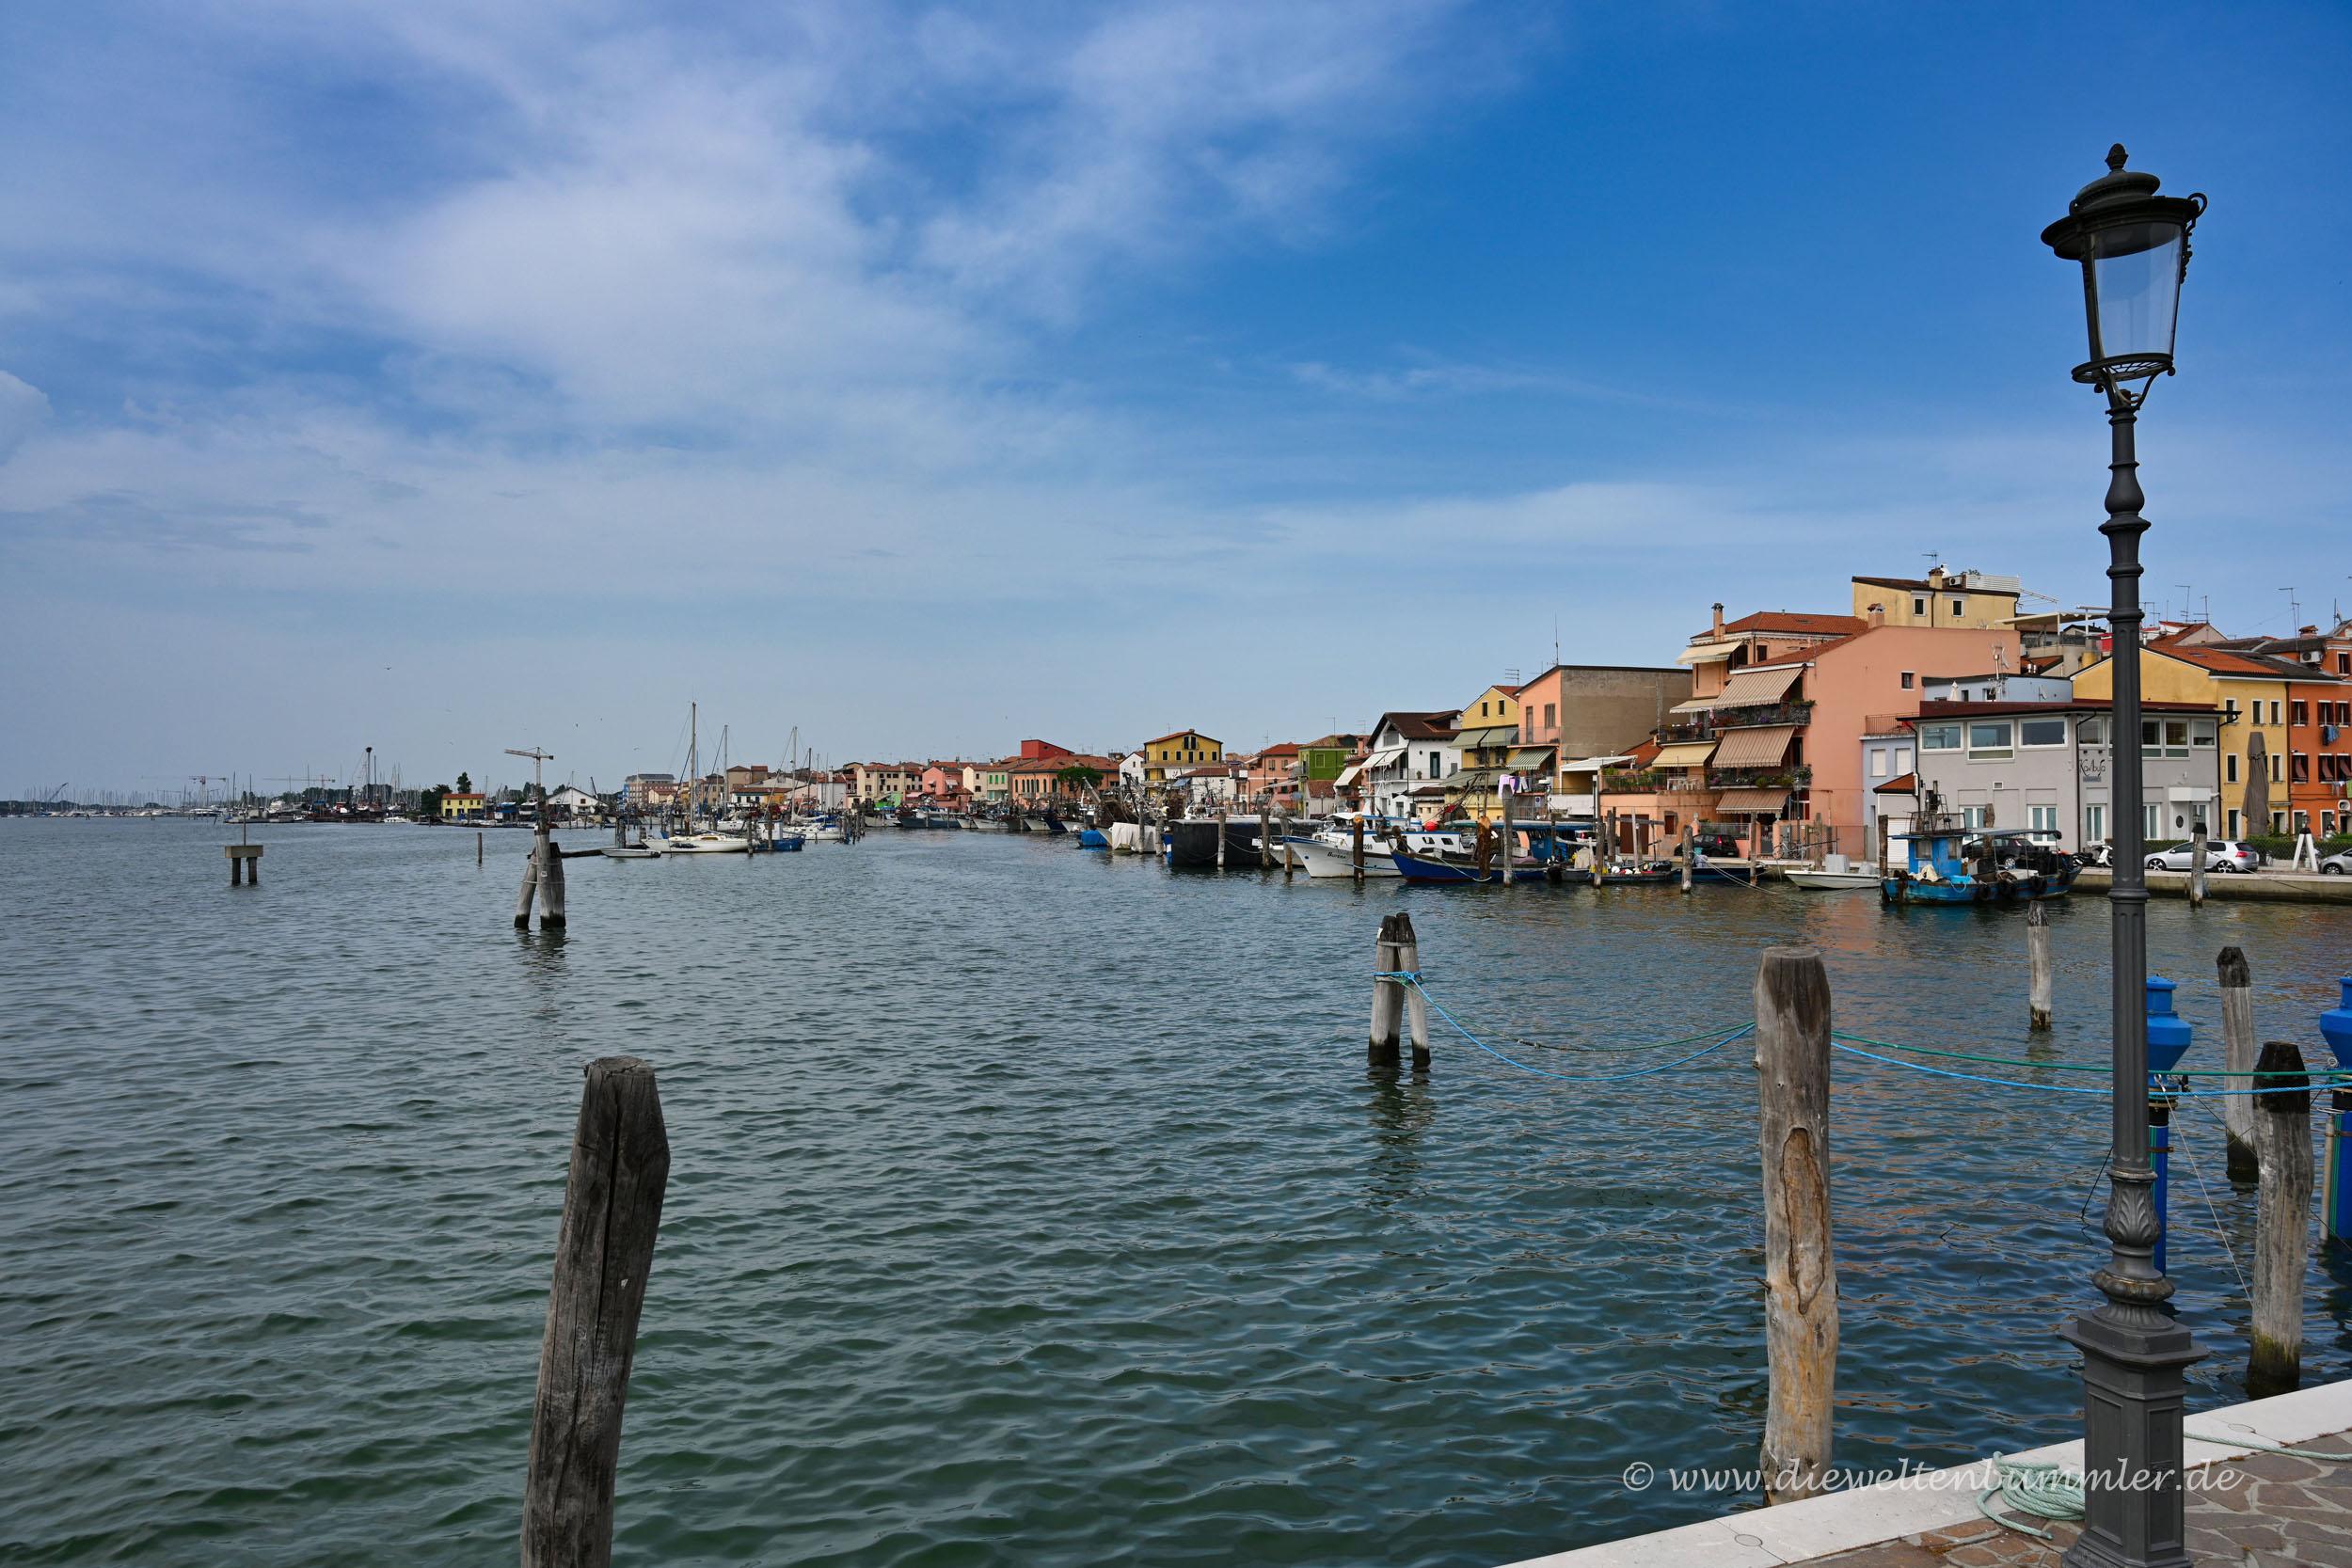 Hafen in Chioggia